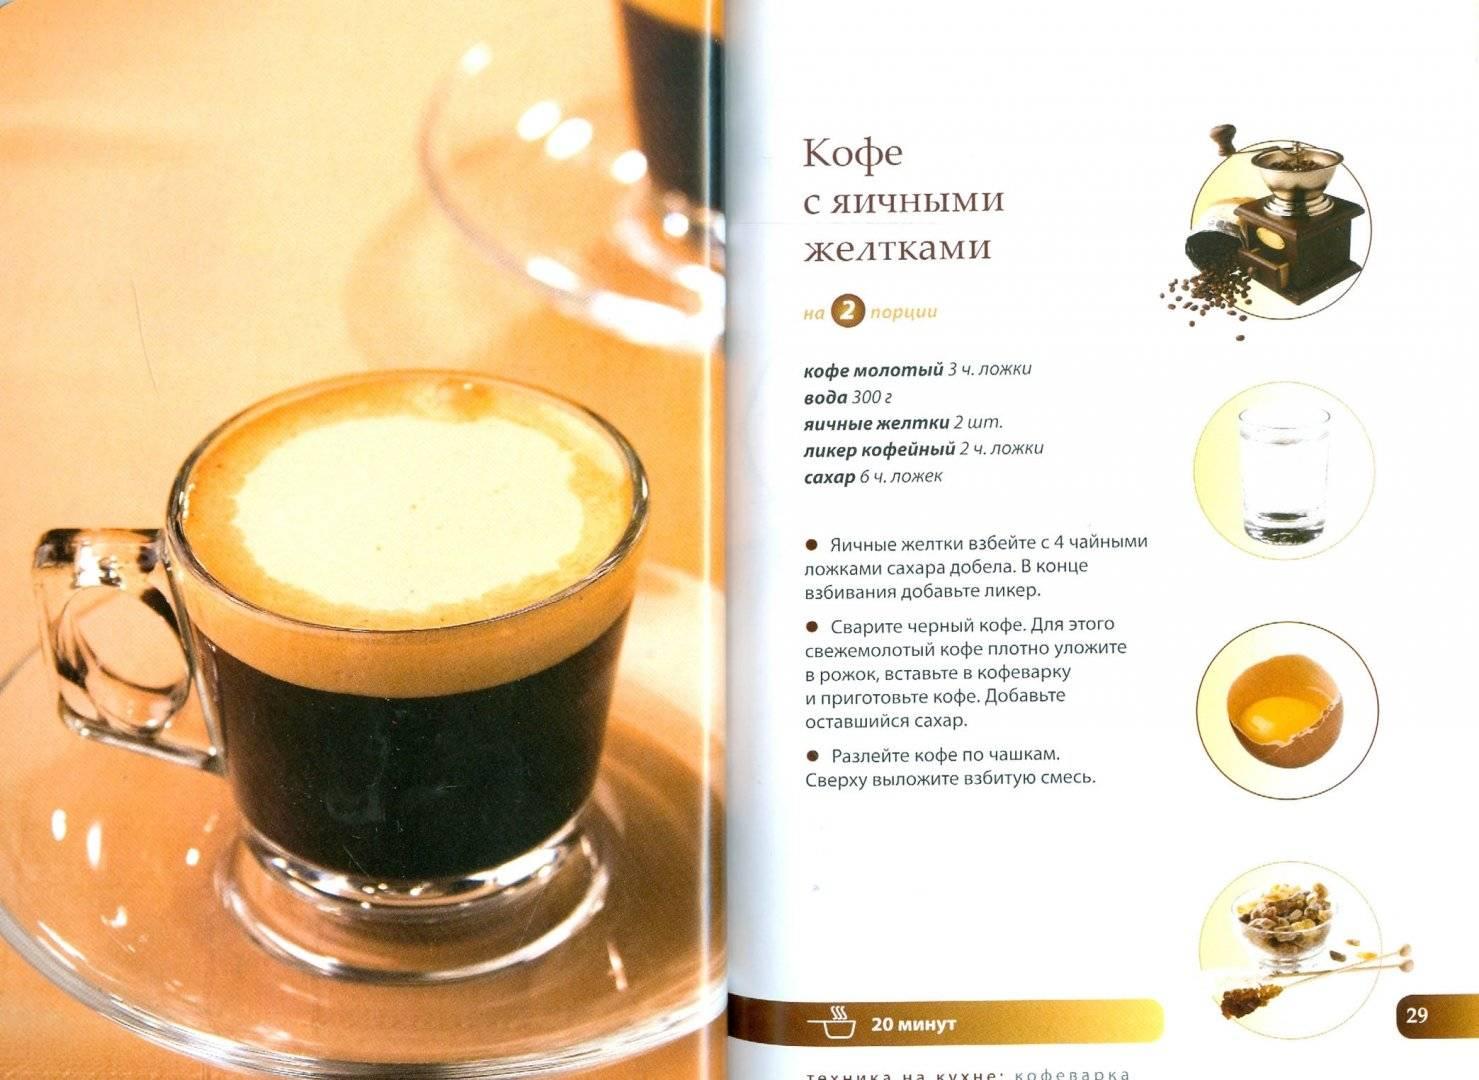 Как приготовить кофе по-восточному (по-арабски)